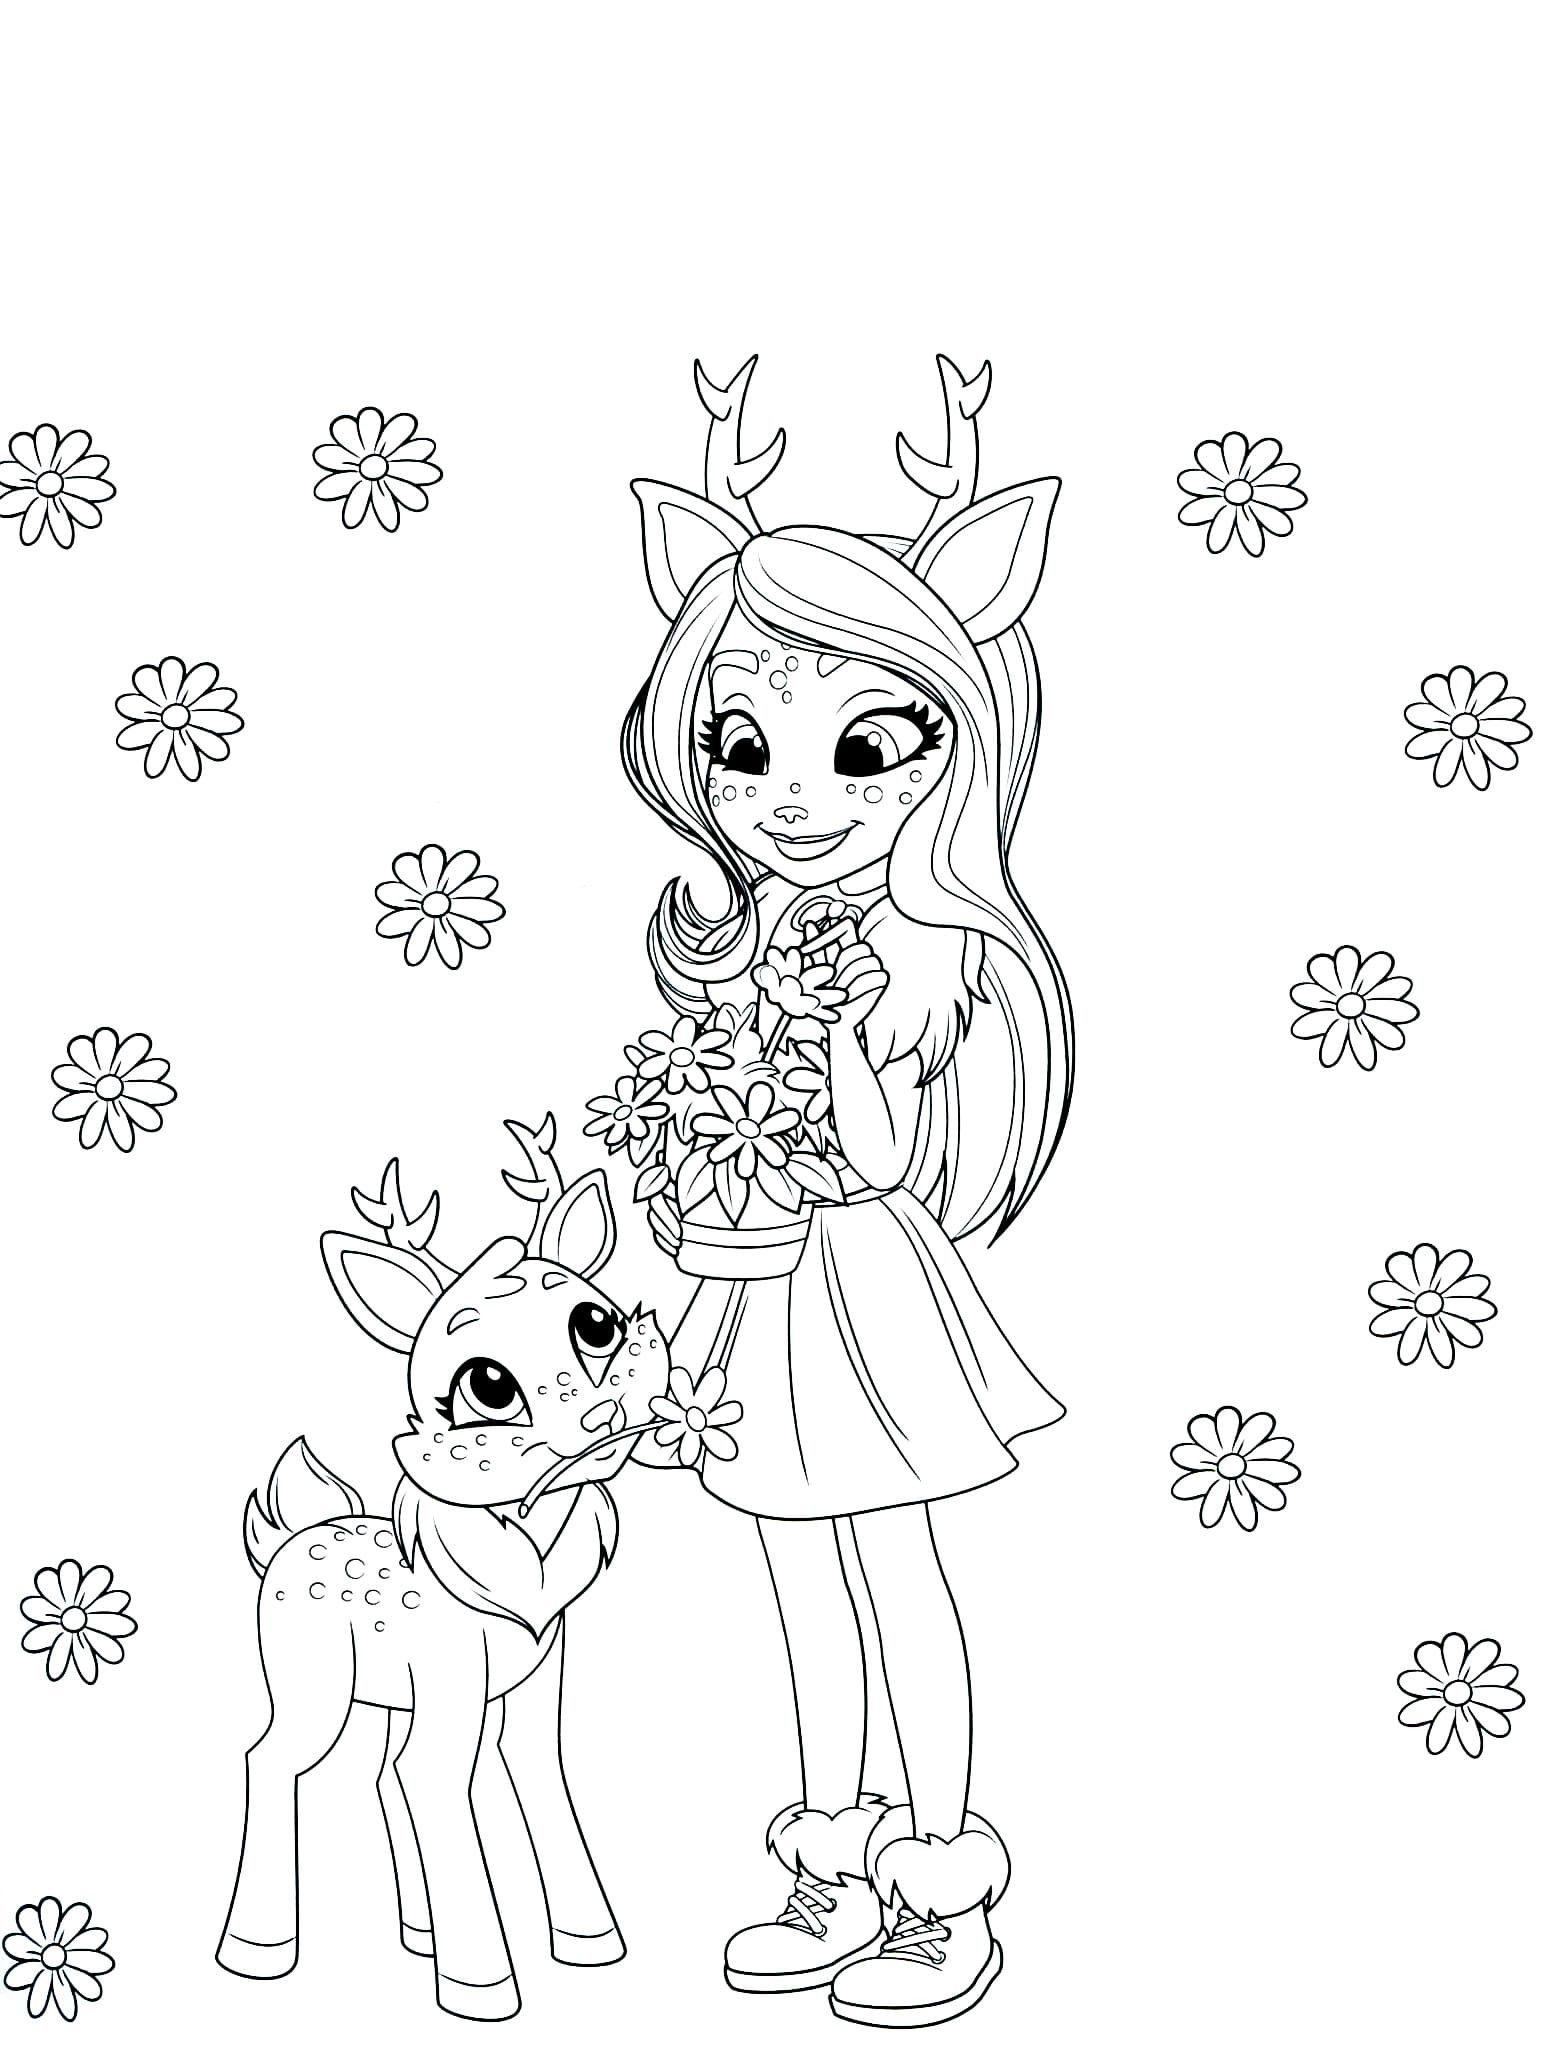 Disegni Da Stampare Gratis Bello Disegni Da Colorare Con Enchantimals Per Le Ragazze Stampa O In 2020 Unicorn Coloring Pages Disney Coloring Pages Love Coloring Pages